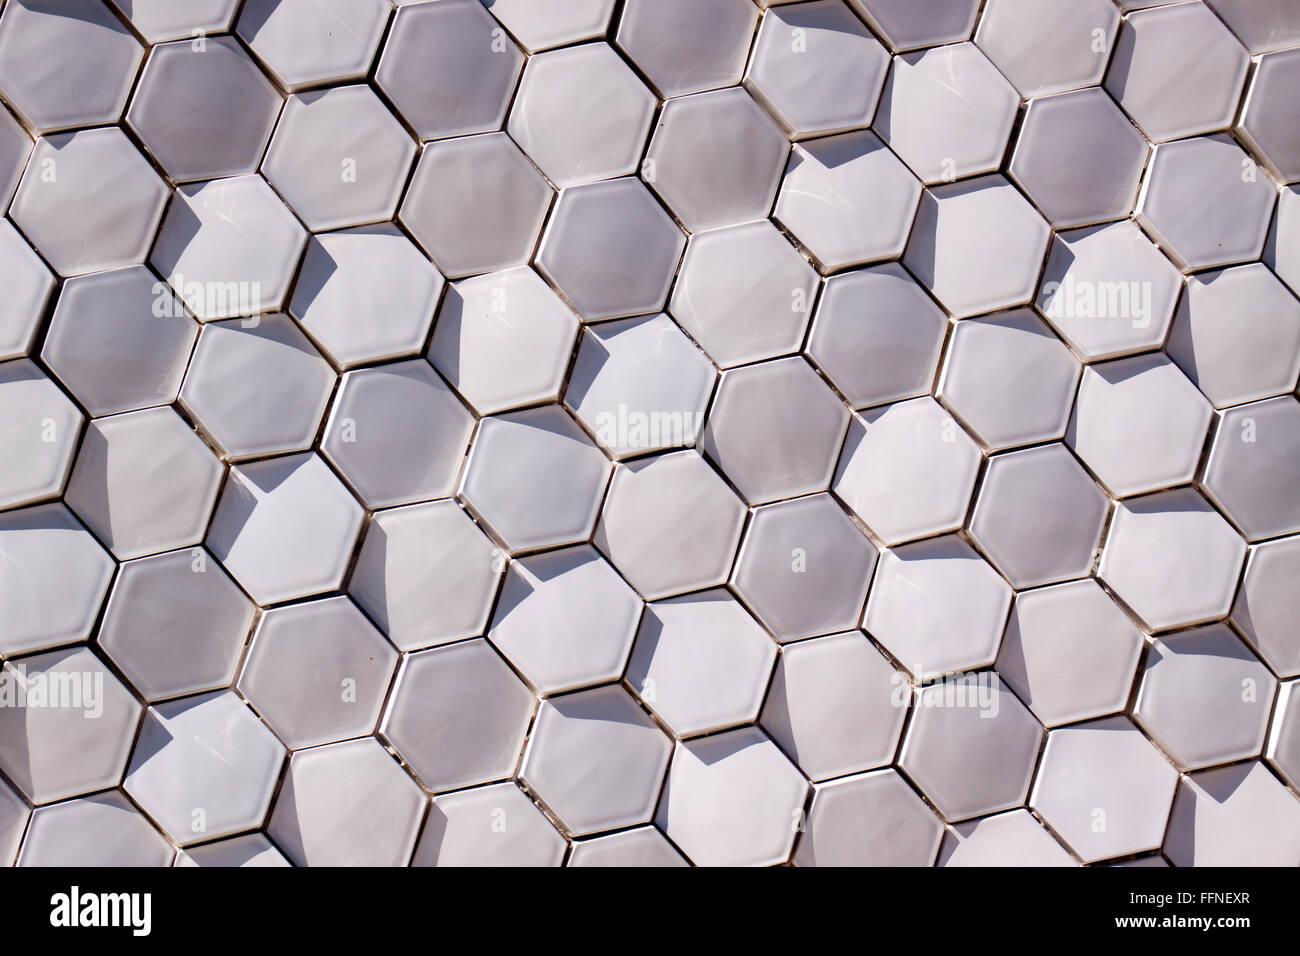 Hexagon wallpaper stockfotos hexagon wallpaper bilder - Fliesen sechseck ...